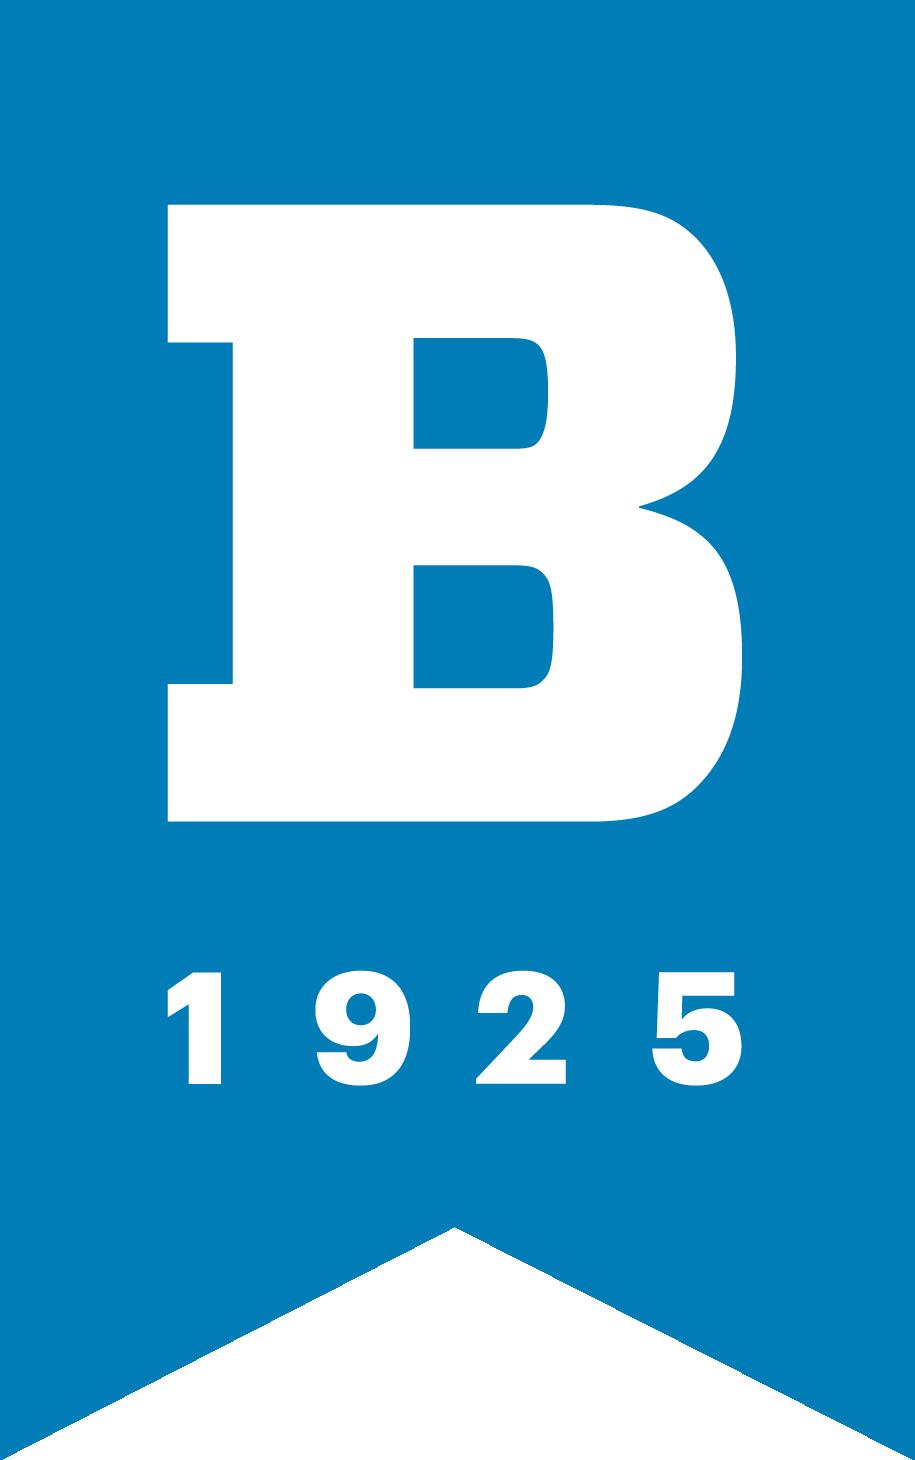 UB Emblem